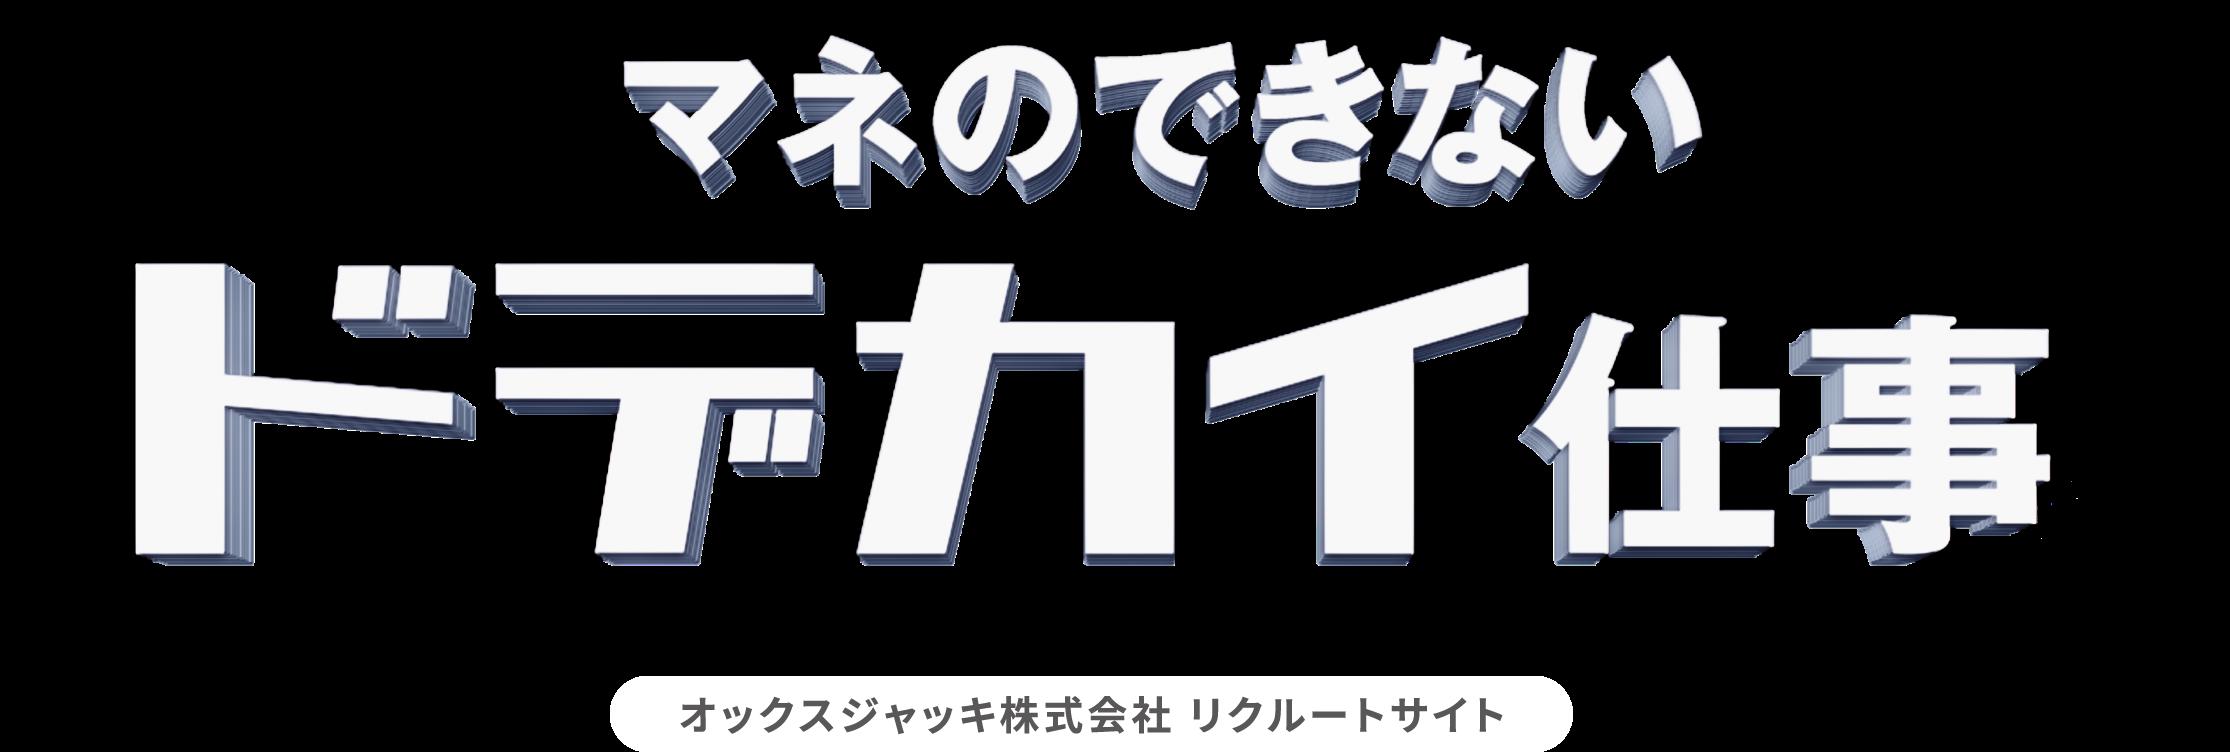 株式会社オックスジャッキ リクルートサイト